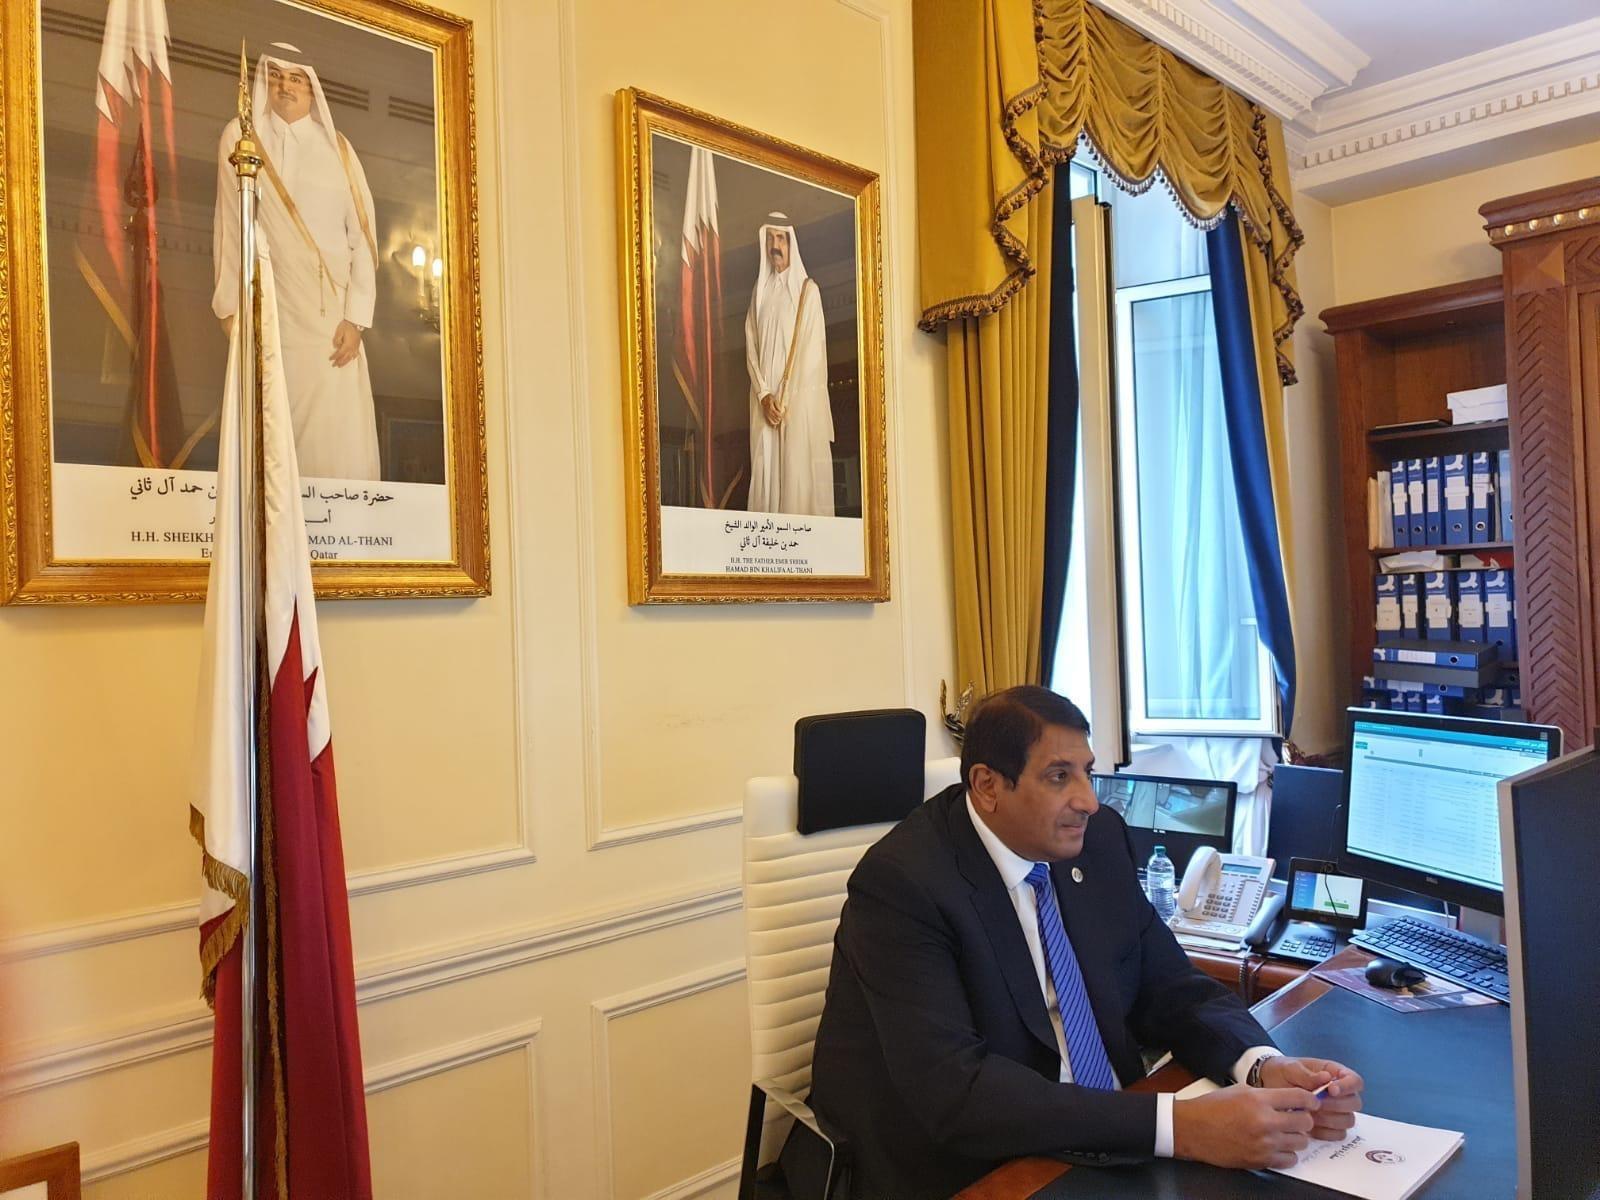 المديرة العامة للمنظمة الدولية لقانون التنمية تجتمع مع سفير دولة قطر